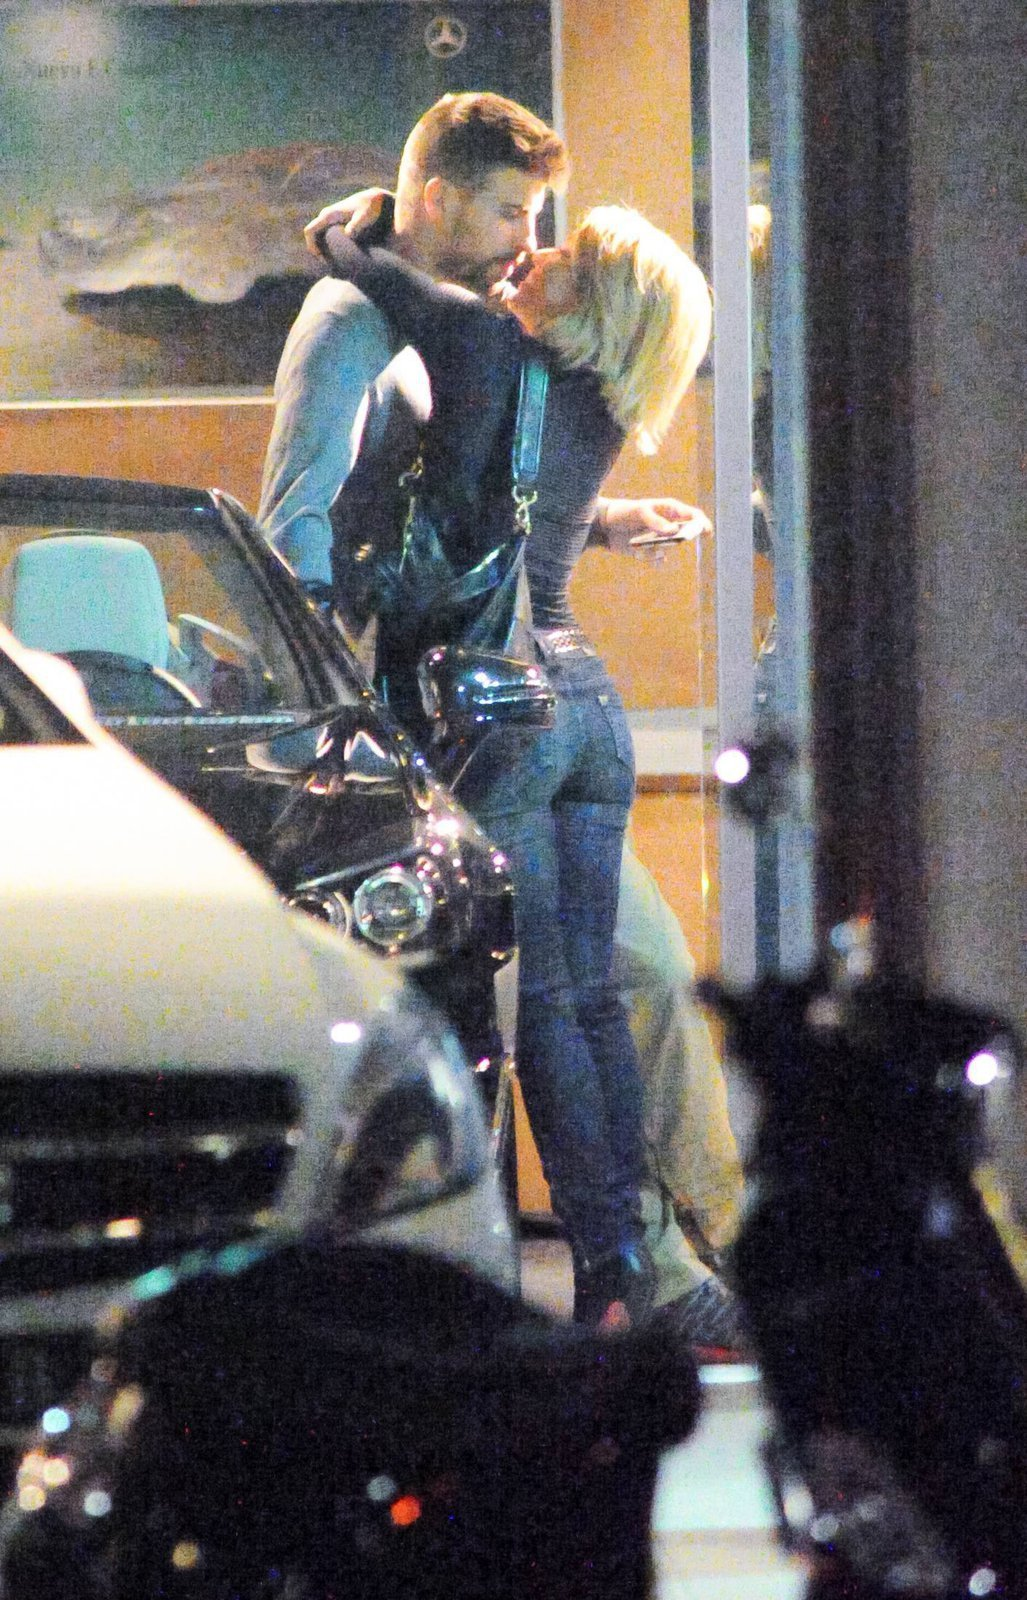 Zpěvačka Shakira se v obchodě vrhla na svoji lásku Piquého.